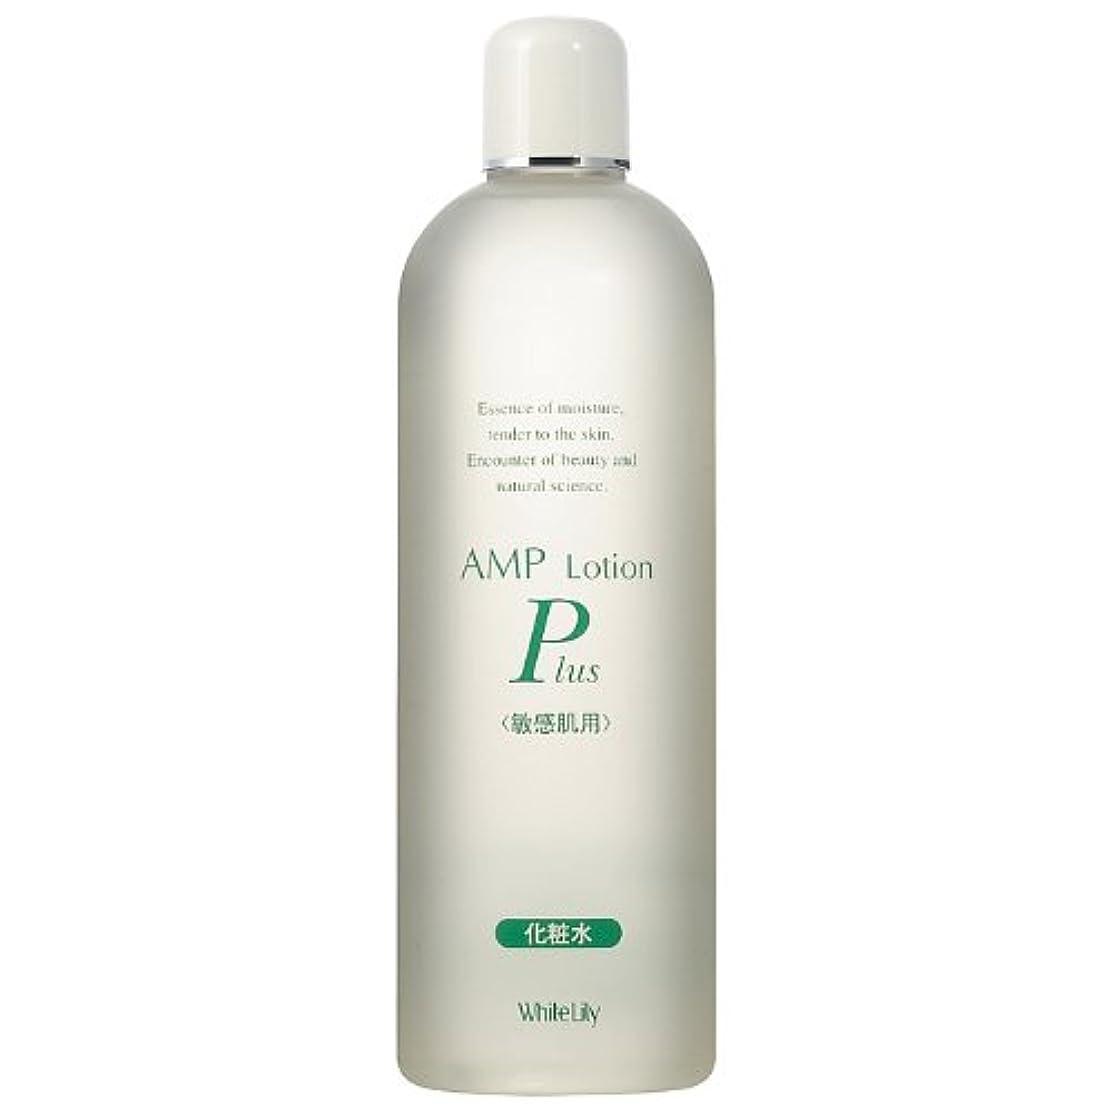 家庭共役言い直すホワイトリリー AMPローションプラス 500mL 化粧水